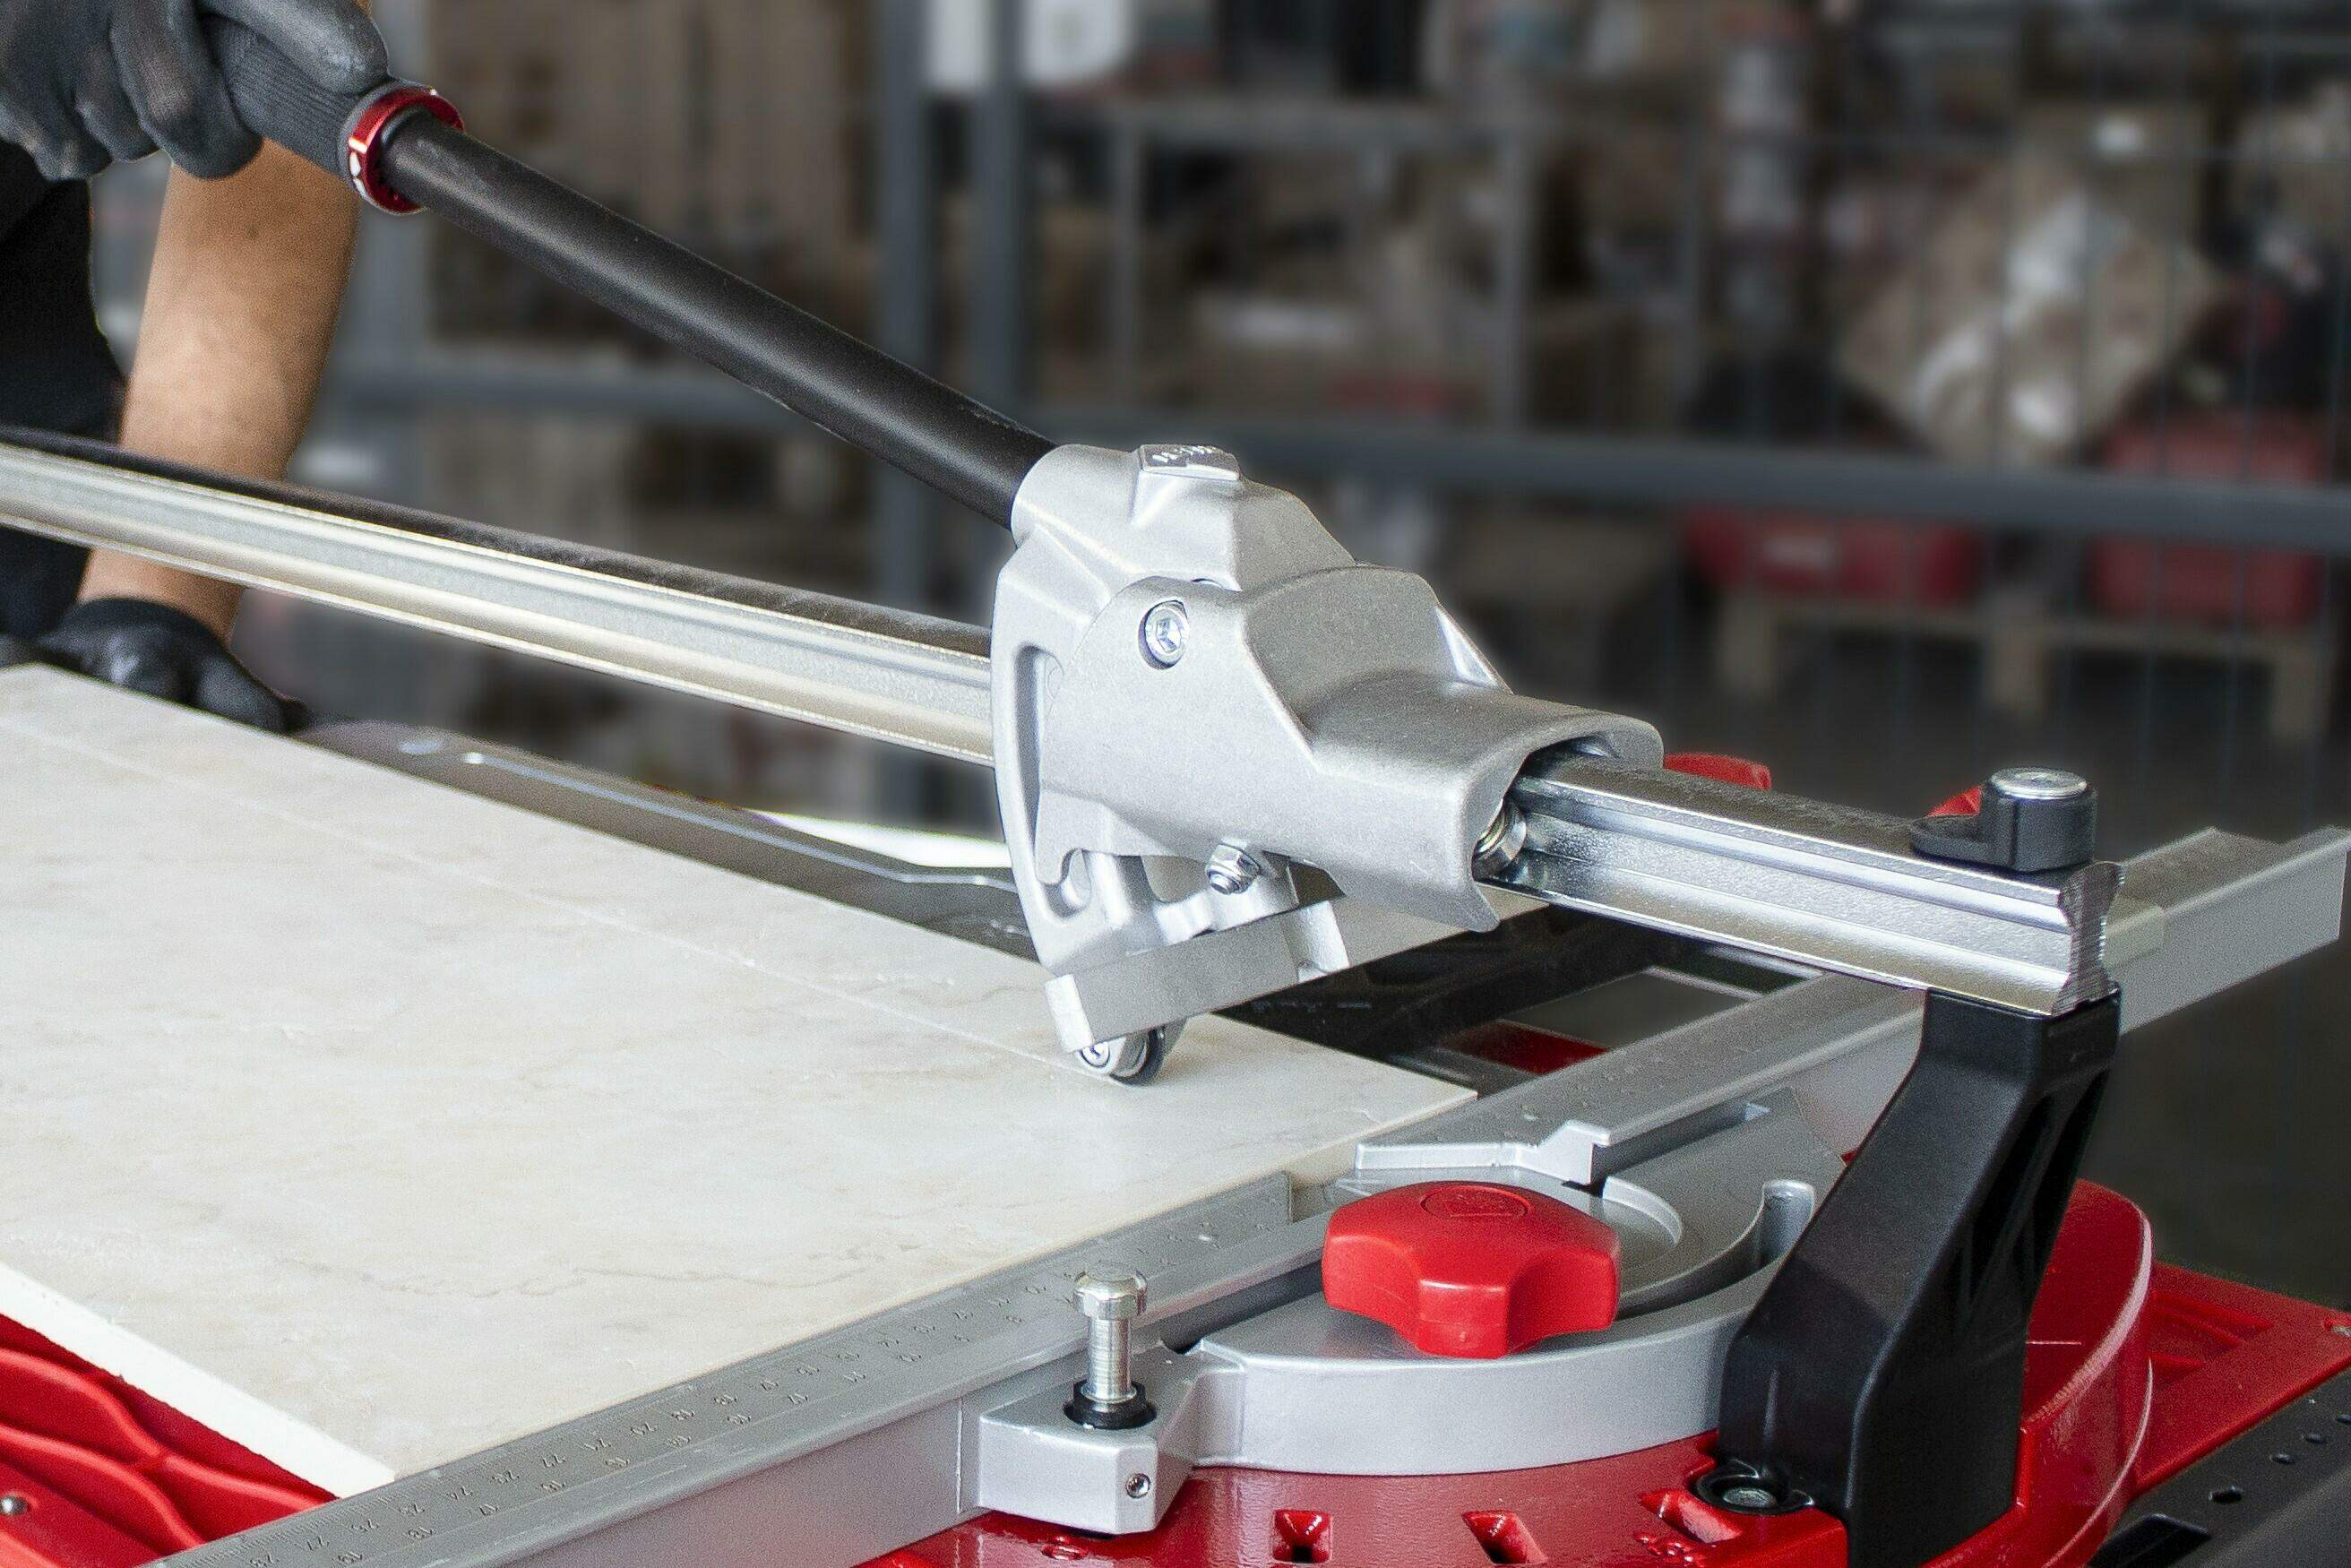 Het ontwerp van de TQ tegelsnijder met het snijwieltje vóór de breekvleugel zorgt voor een perfect zicht op de snijlijn